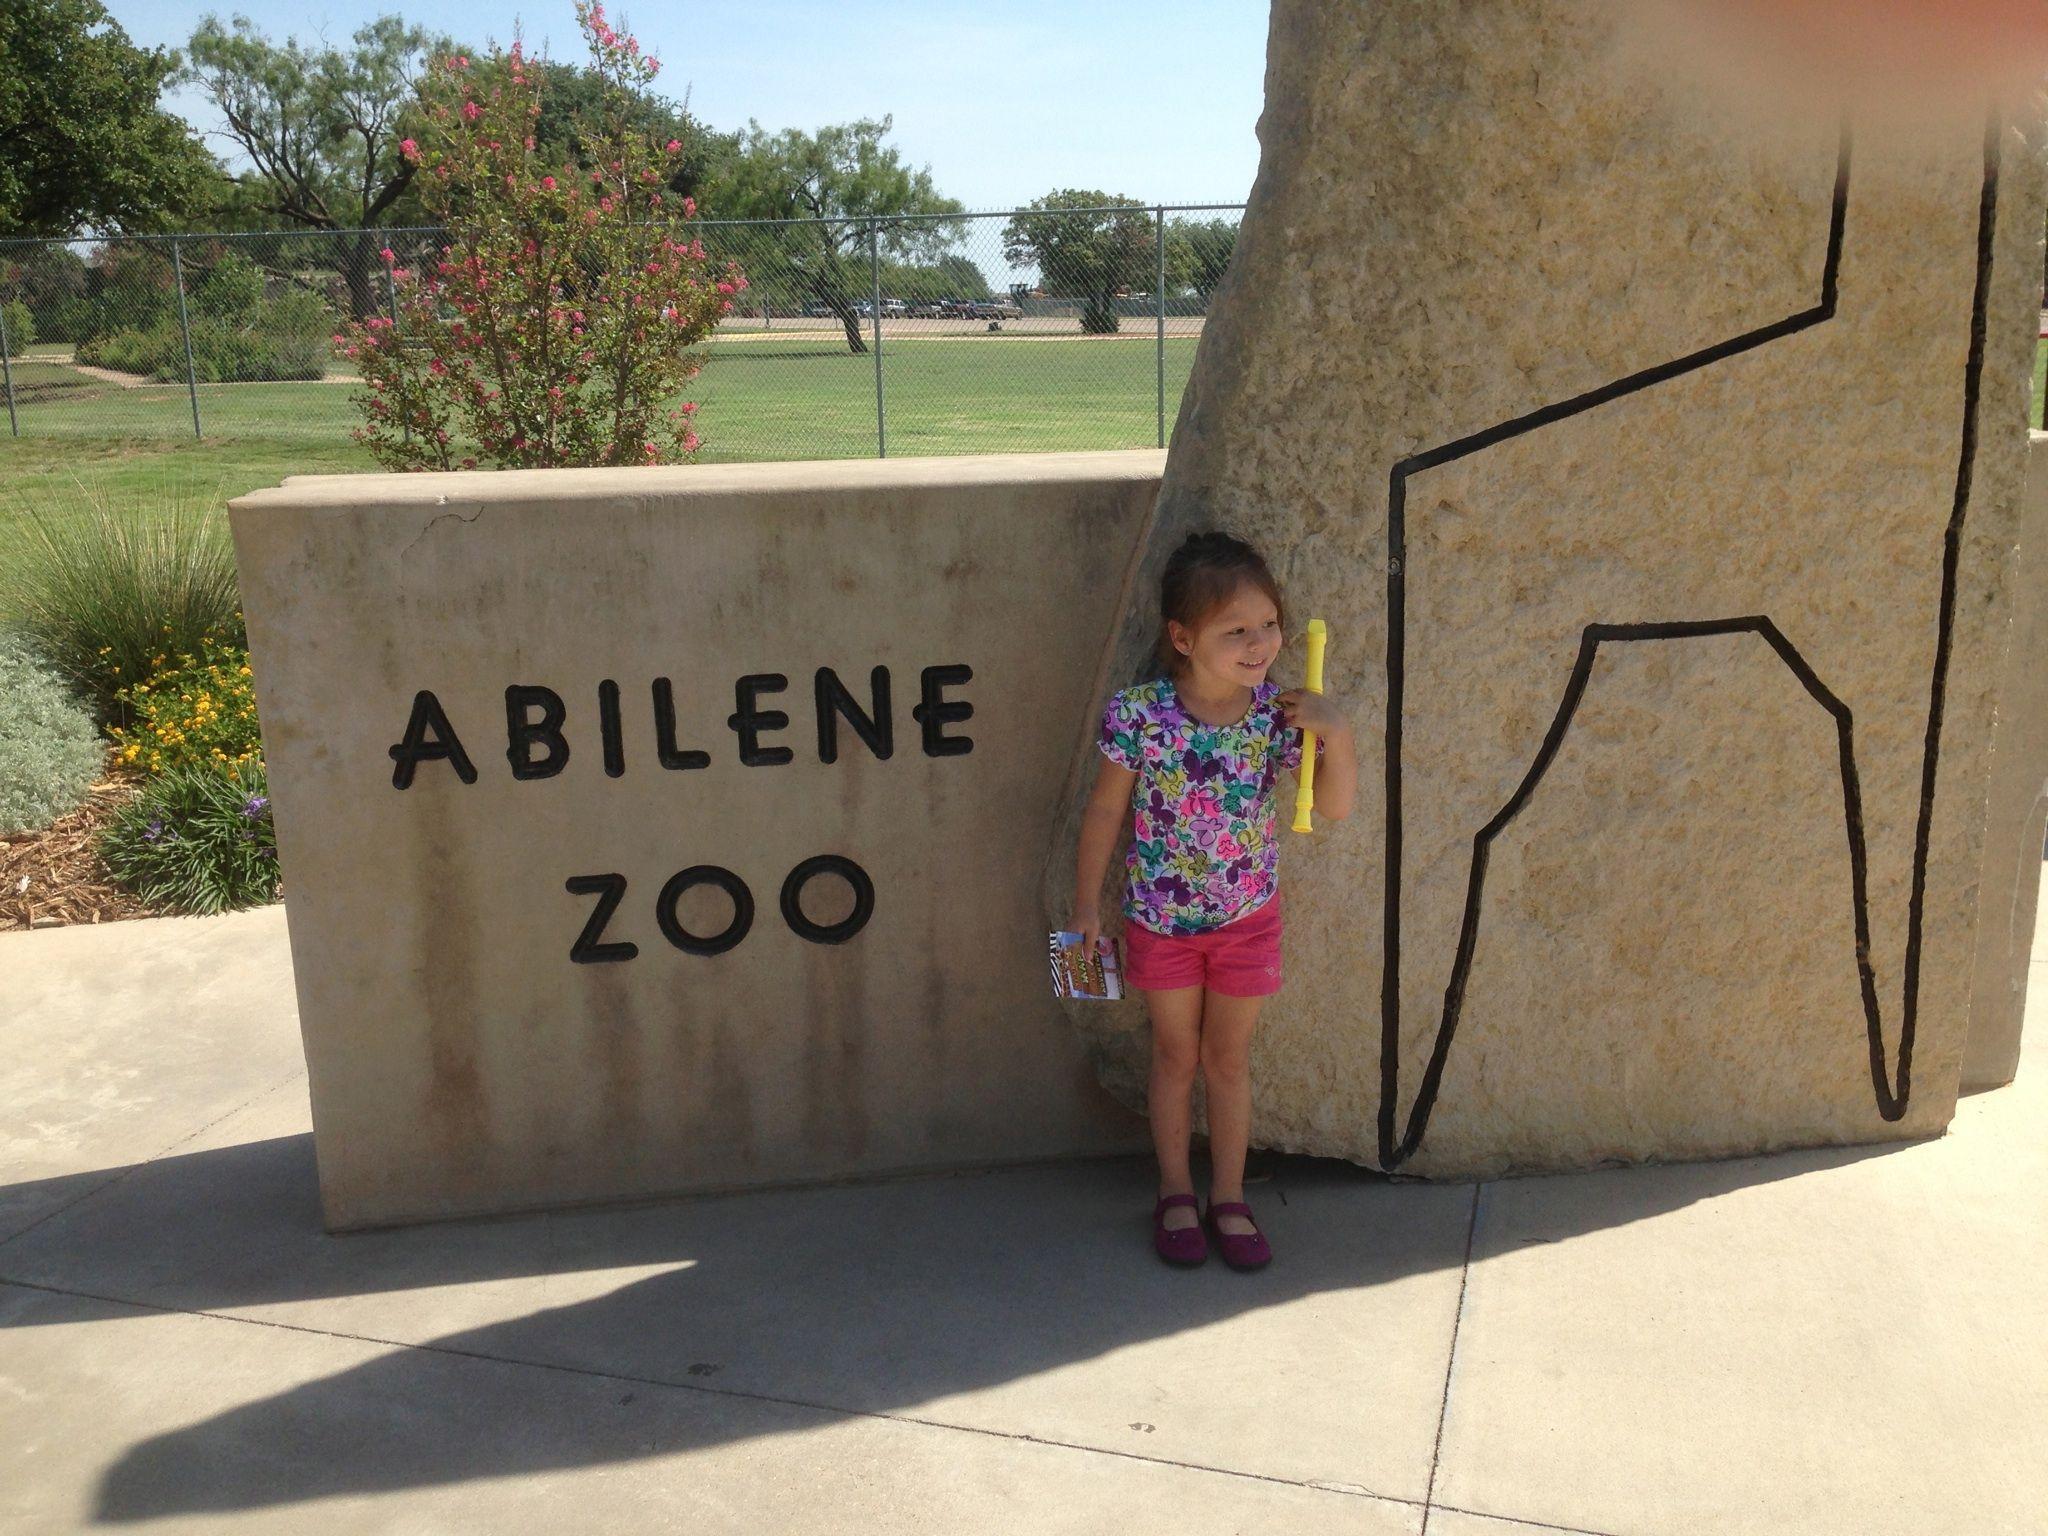 Abilene Zoo Sign Abilene Zoo Zoo Amusement Park